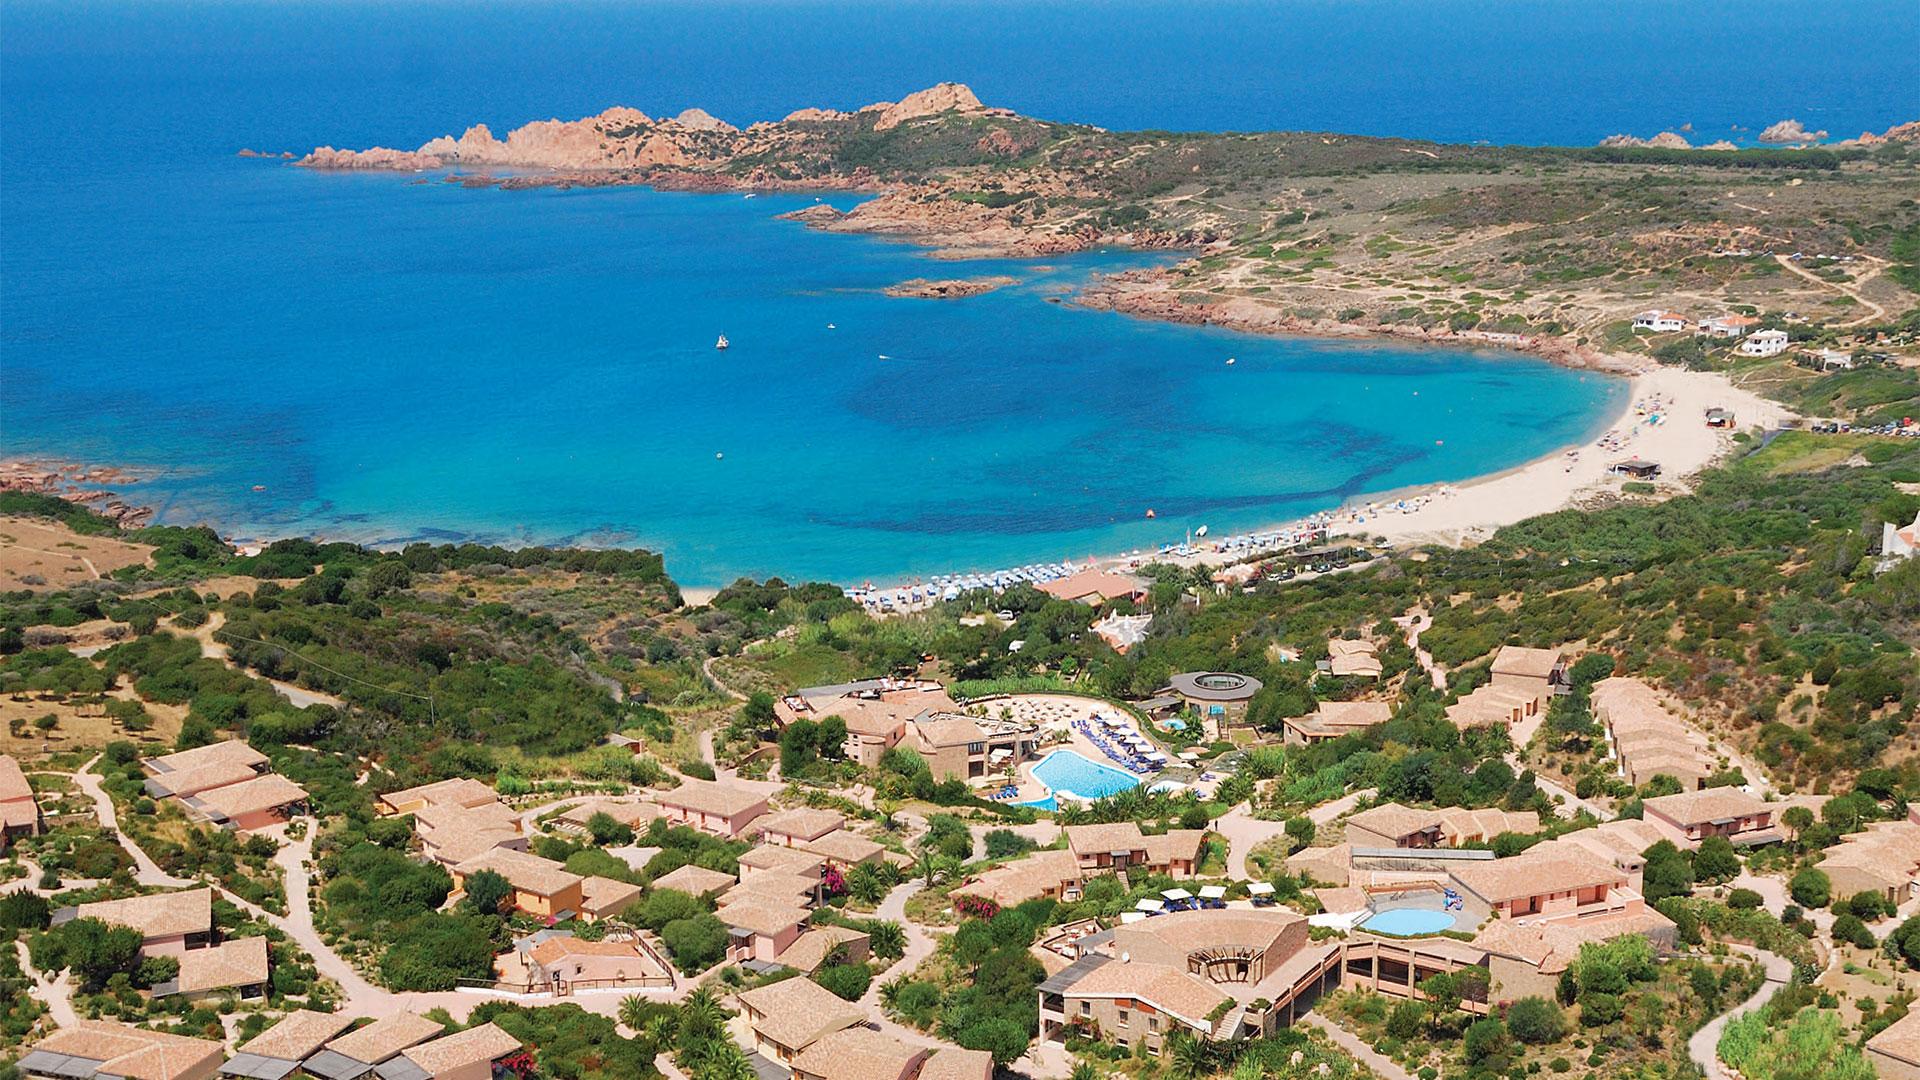 hotel-marinedda-slider-servizi-mare-sardegna-isola-rossa-1